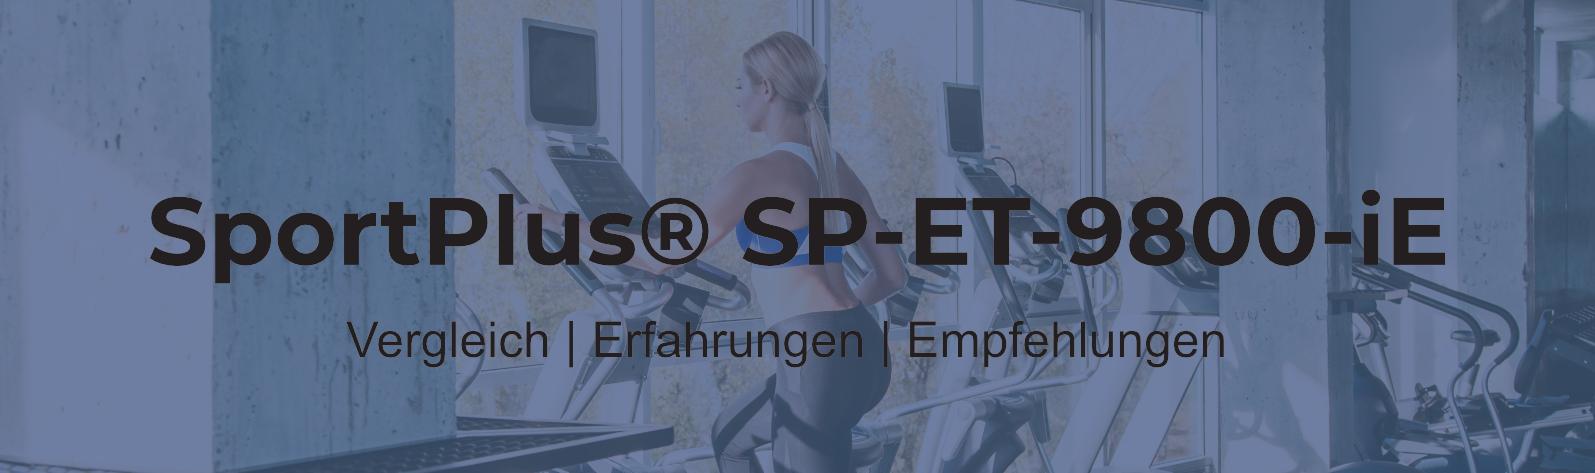 SportPlus Crosstrainer – SP-ET-9800-IE